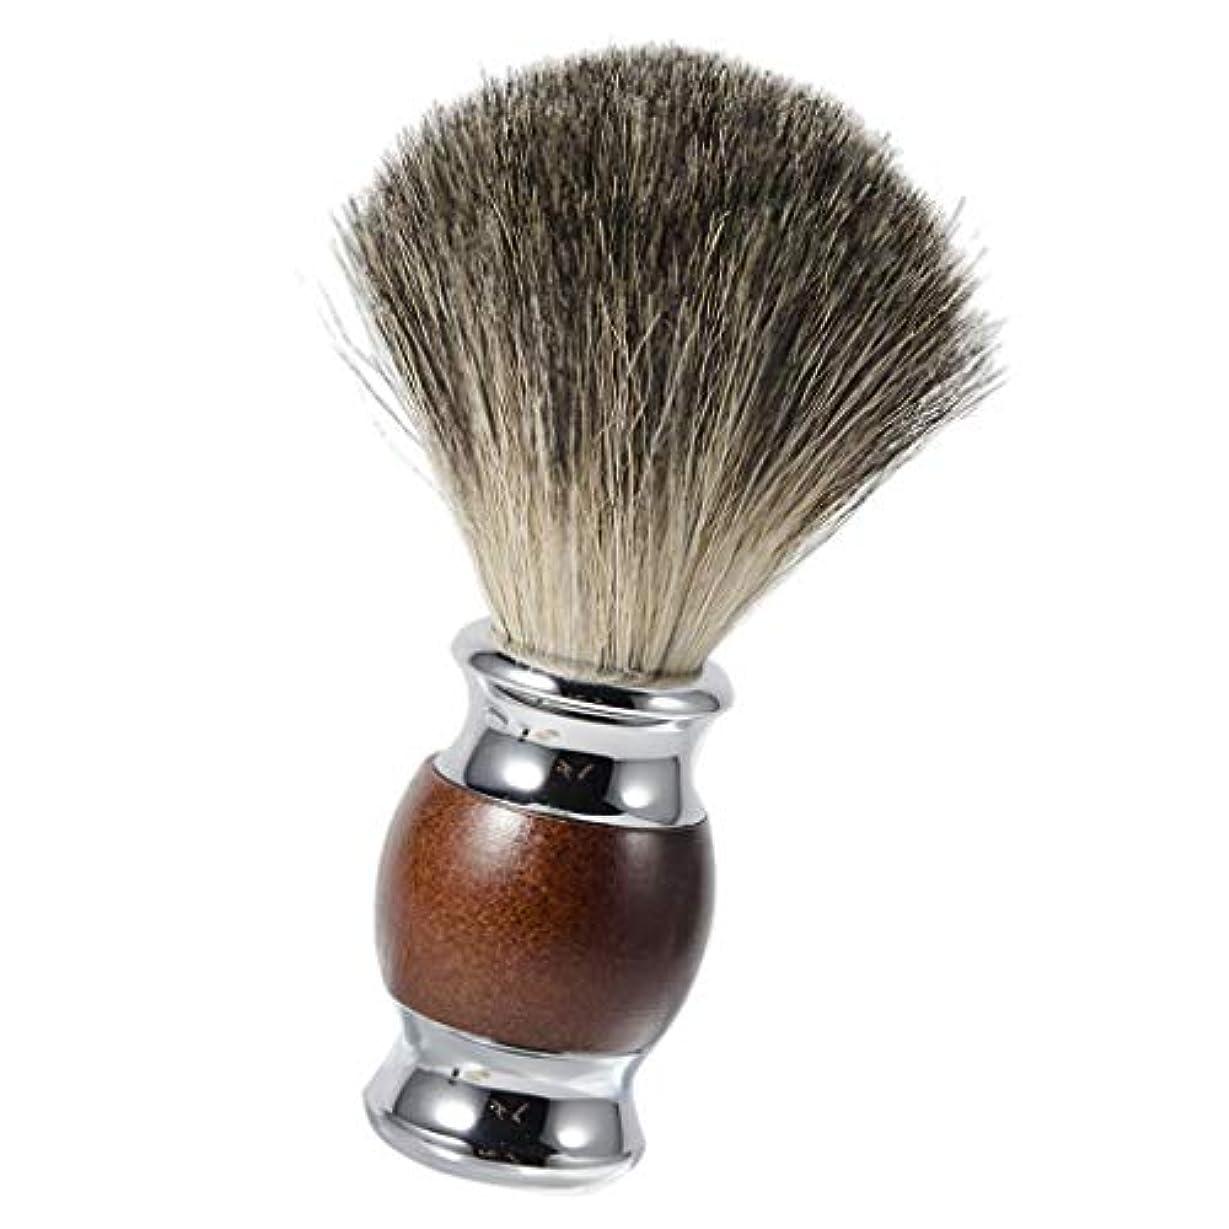 買い手荒廃するシャックルひげブラシ シェービングブラシ 木製ハンドル 理容 洗顔 髭剃り 泡立ち メンズ用 友人にプレゼント